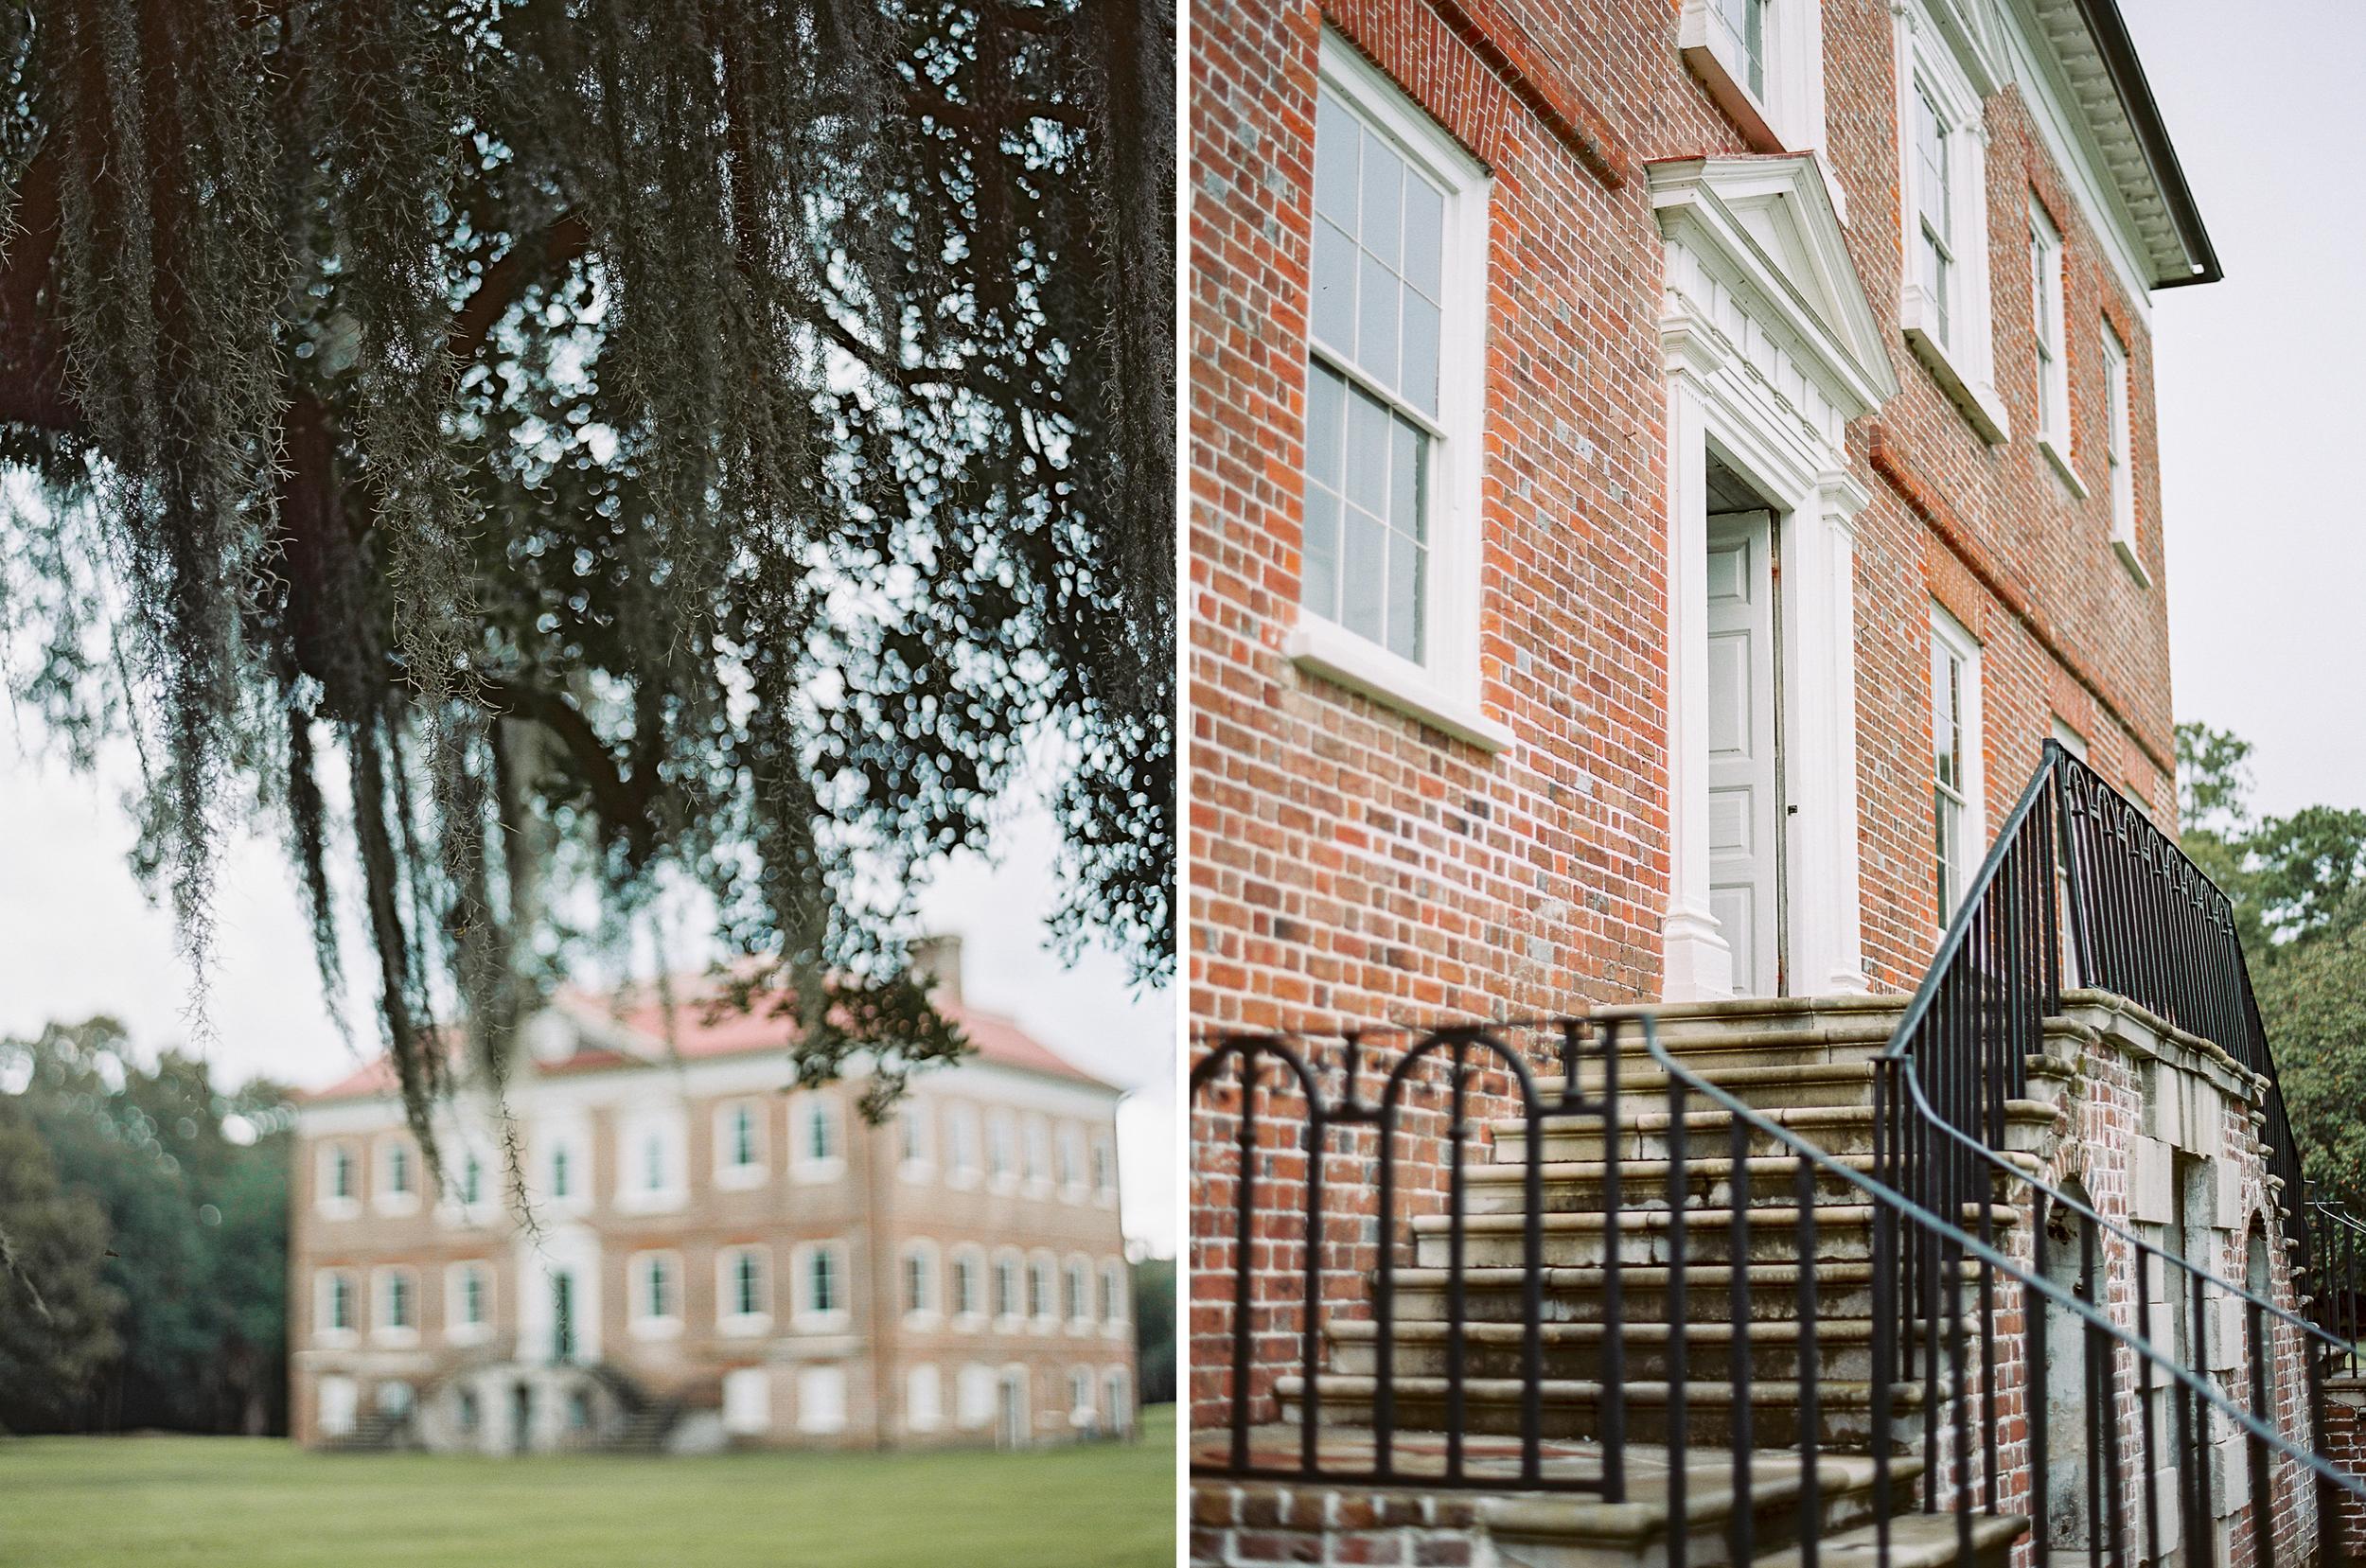 CharlestonCity3.jpg